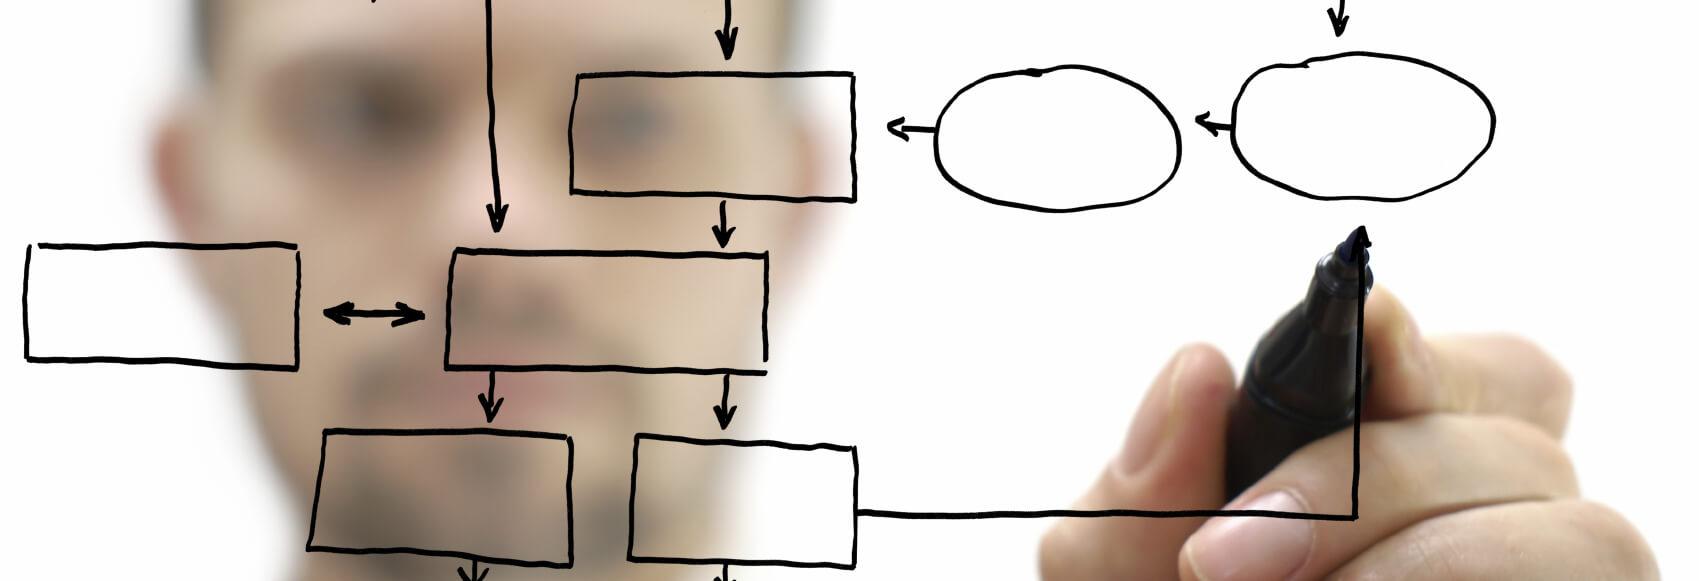 Artikel 5 voordelen van een betere aansluiting van de IT op bedrijfsprocessen